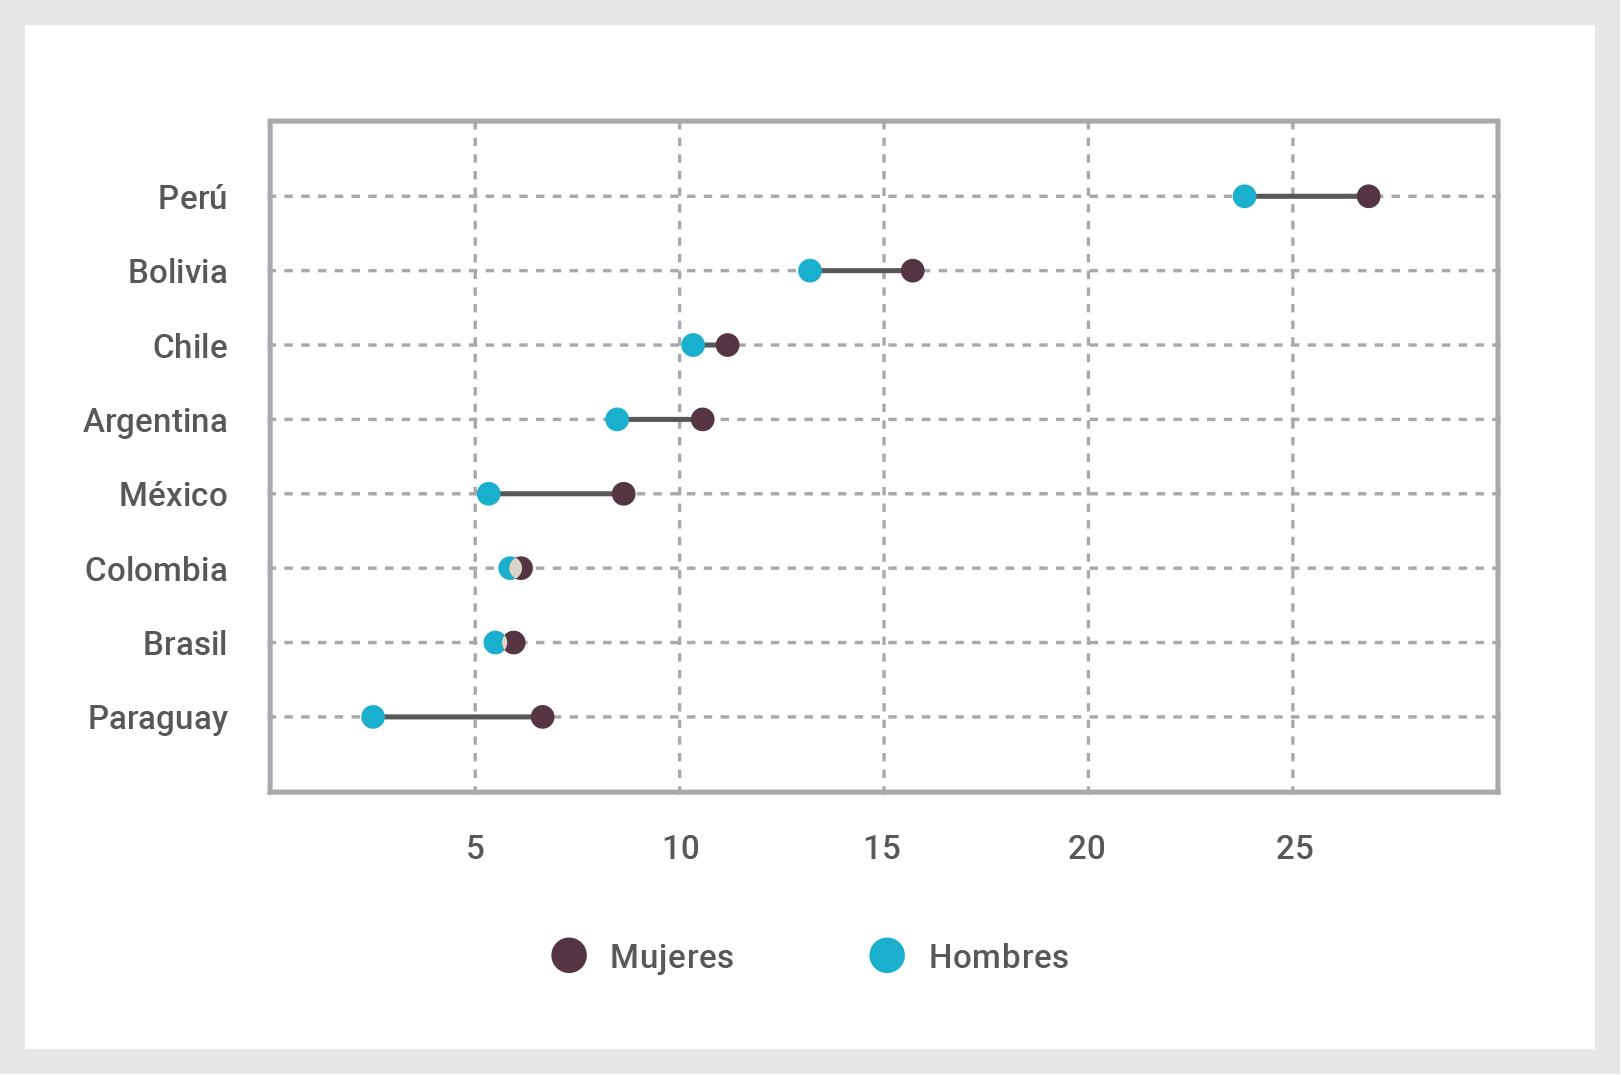 Aumento del porcentaje de personas inactivas (puntos porcentuales) por género